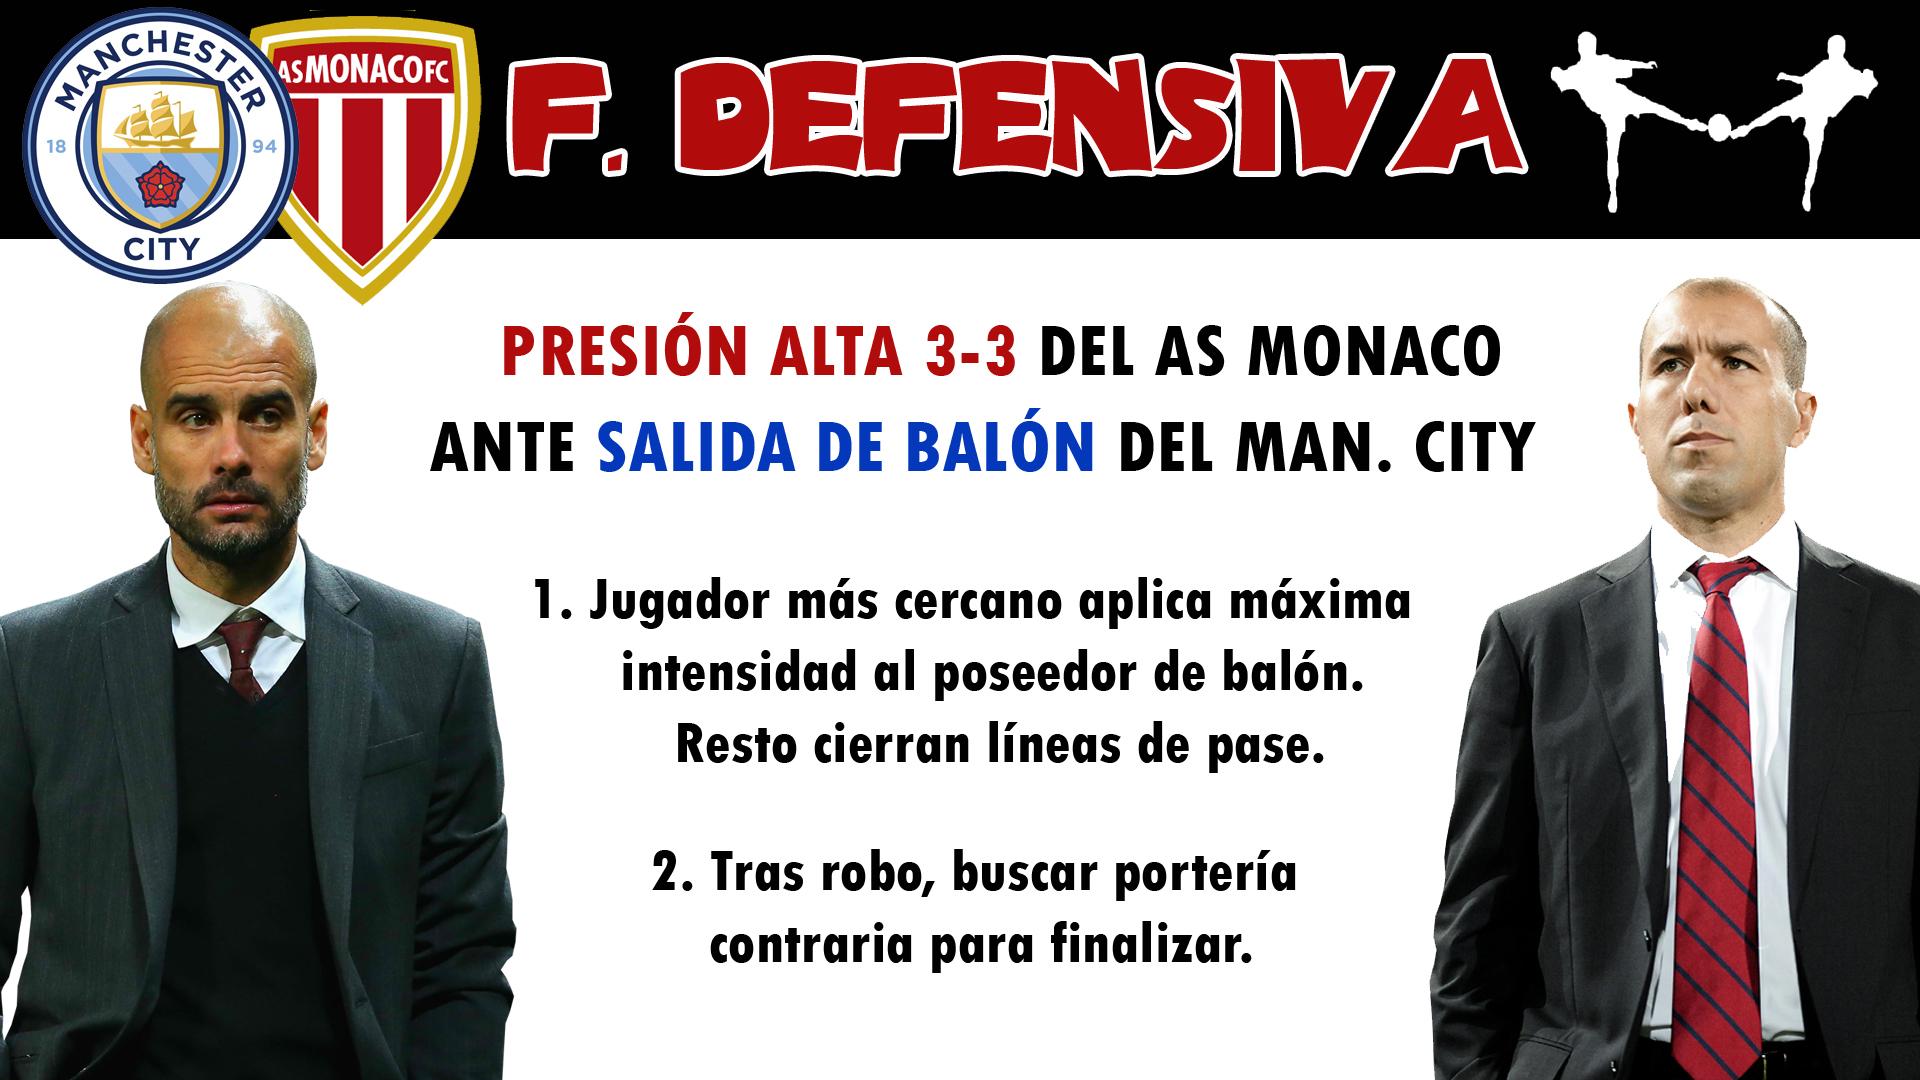 futbolcarrasco guardiola jardim monaco manchester city champions league entrenador análisis tactico presión